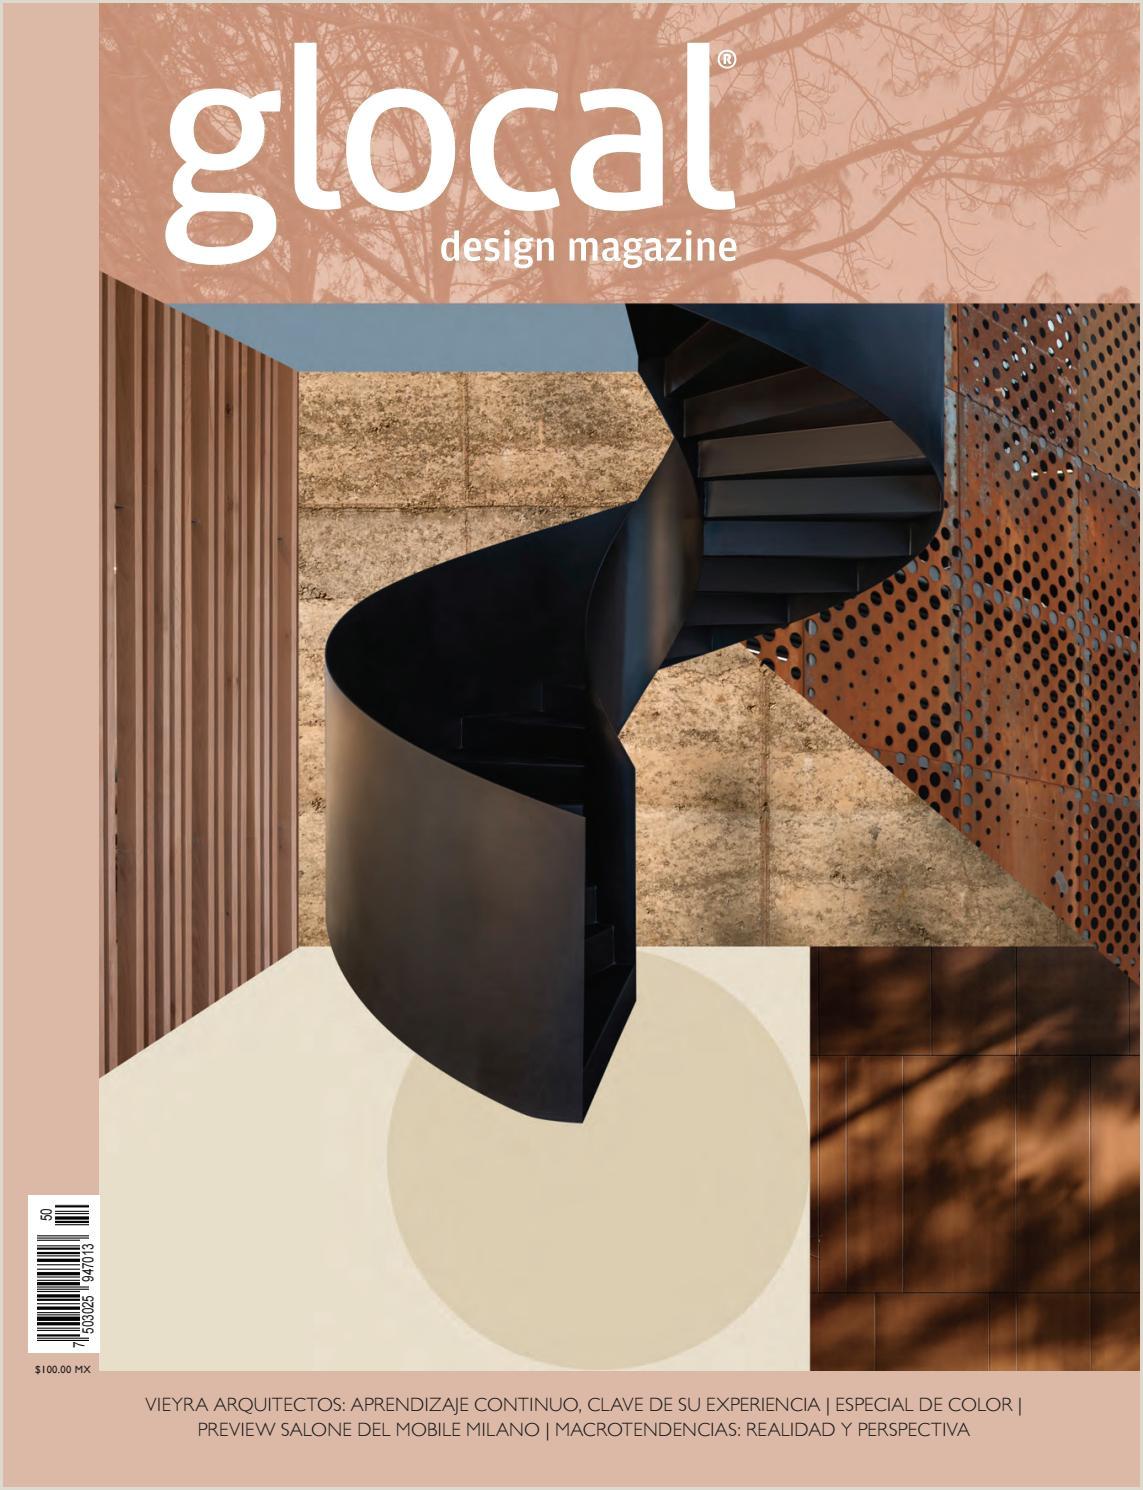 Glocal Design Magazine No 50 Portada por Cover by Vieyra